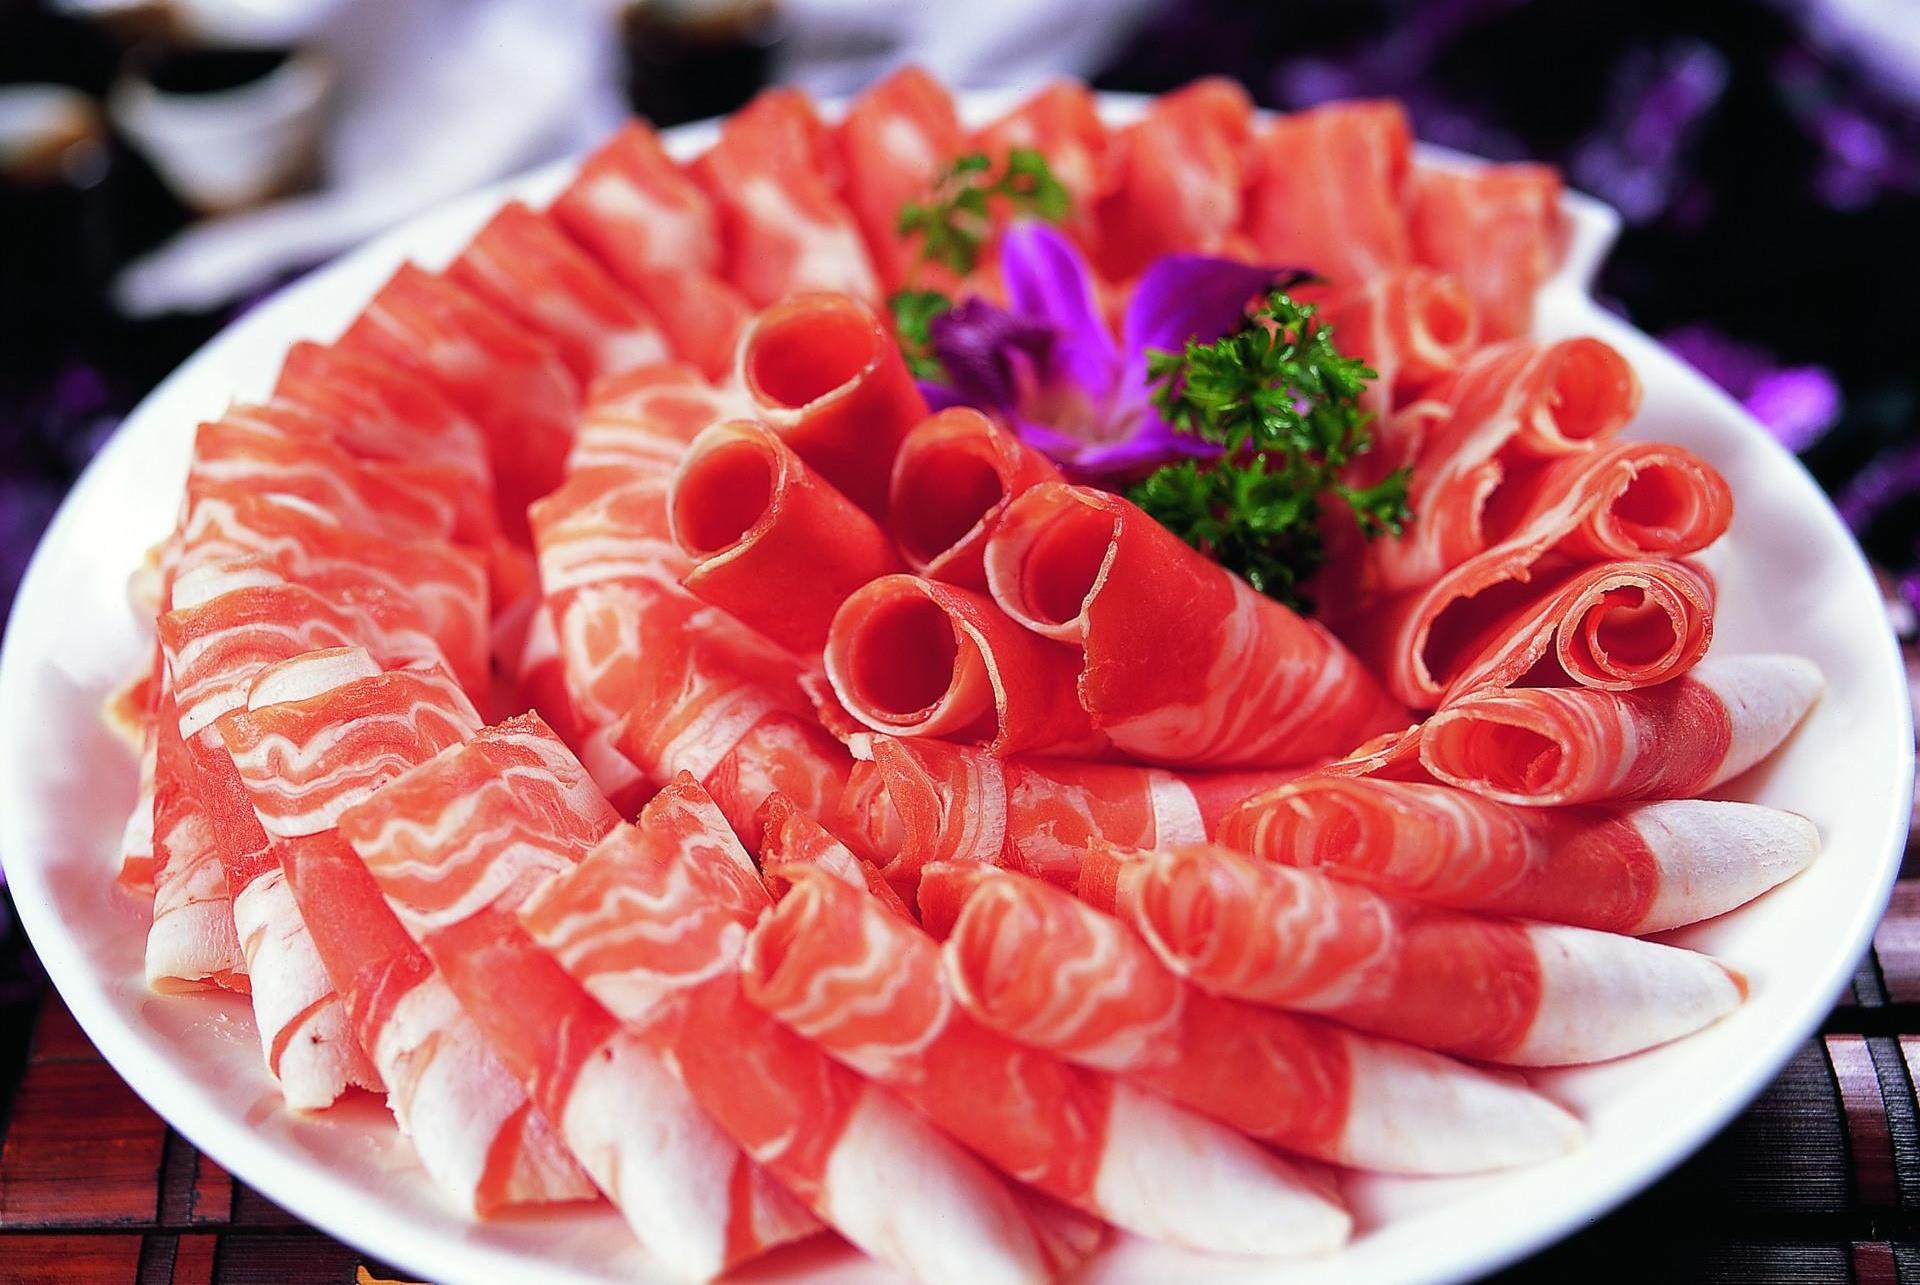 假如火锅店只剩5种食材,你怎么选?图3不能少,网友:选图4最傻